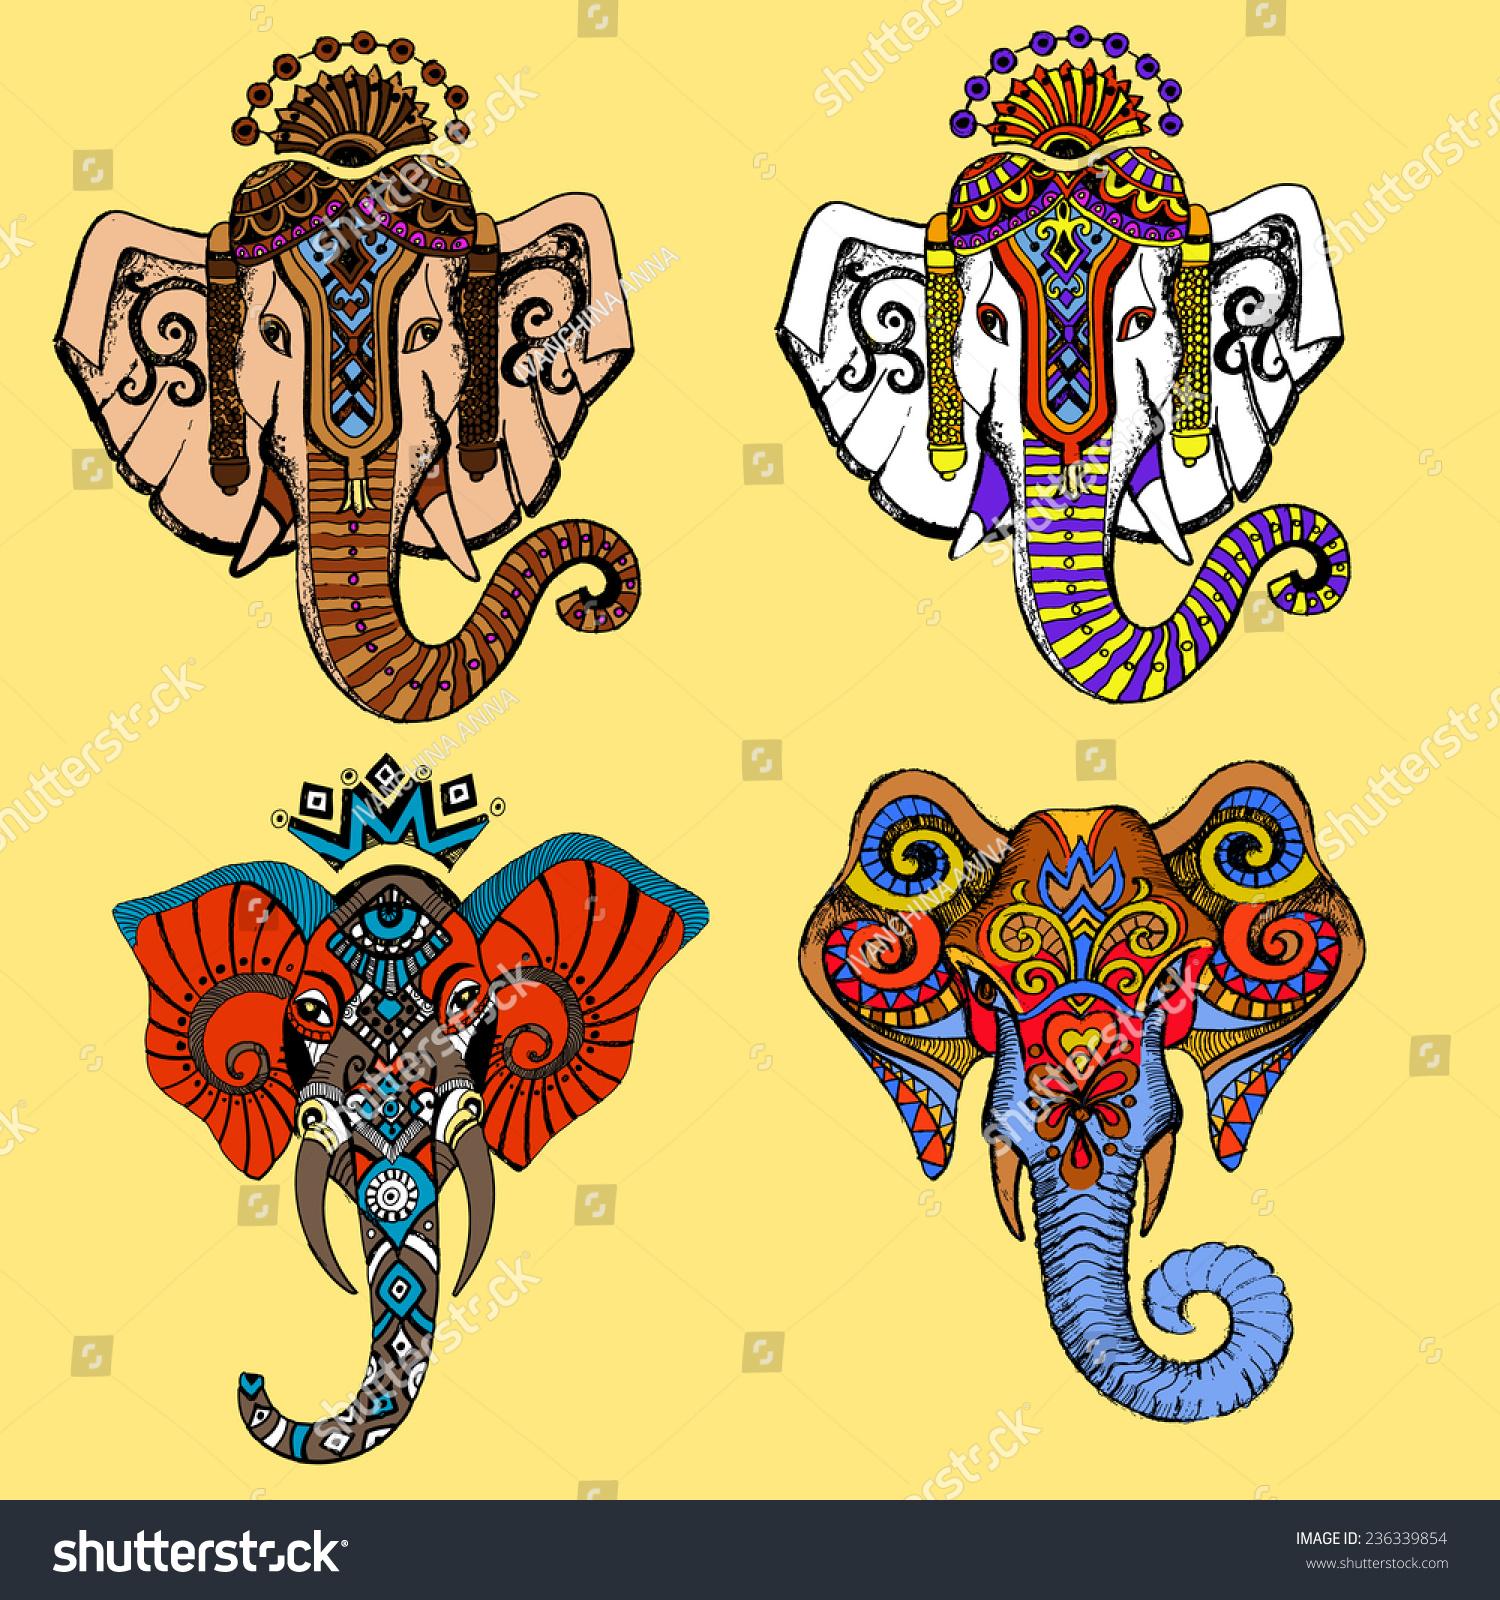 ps作业保护动物的海报素材